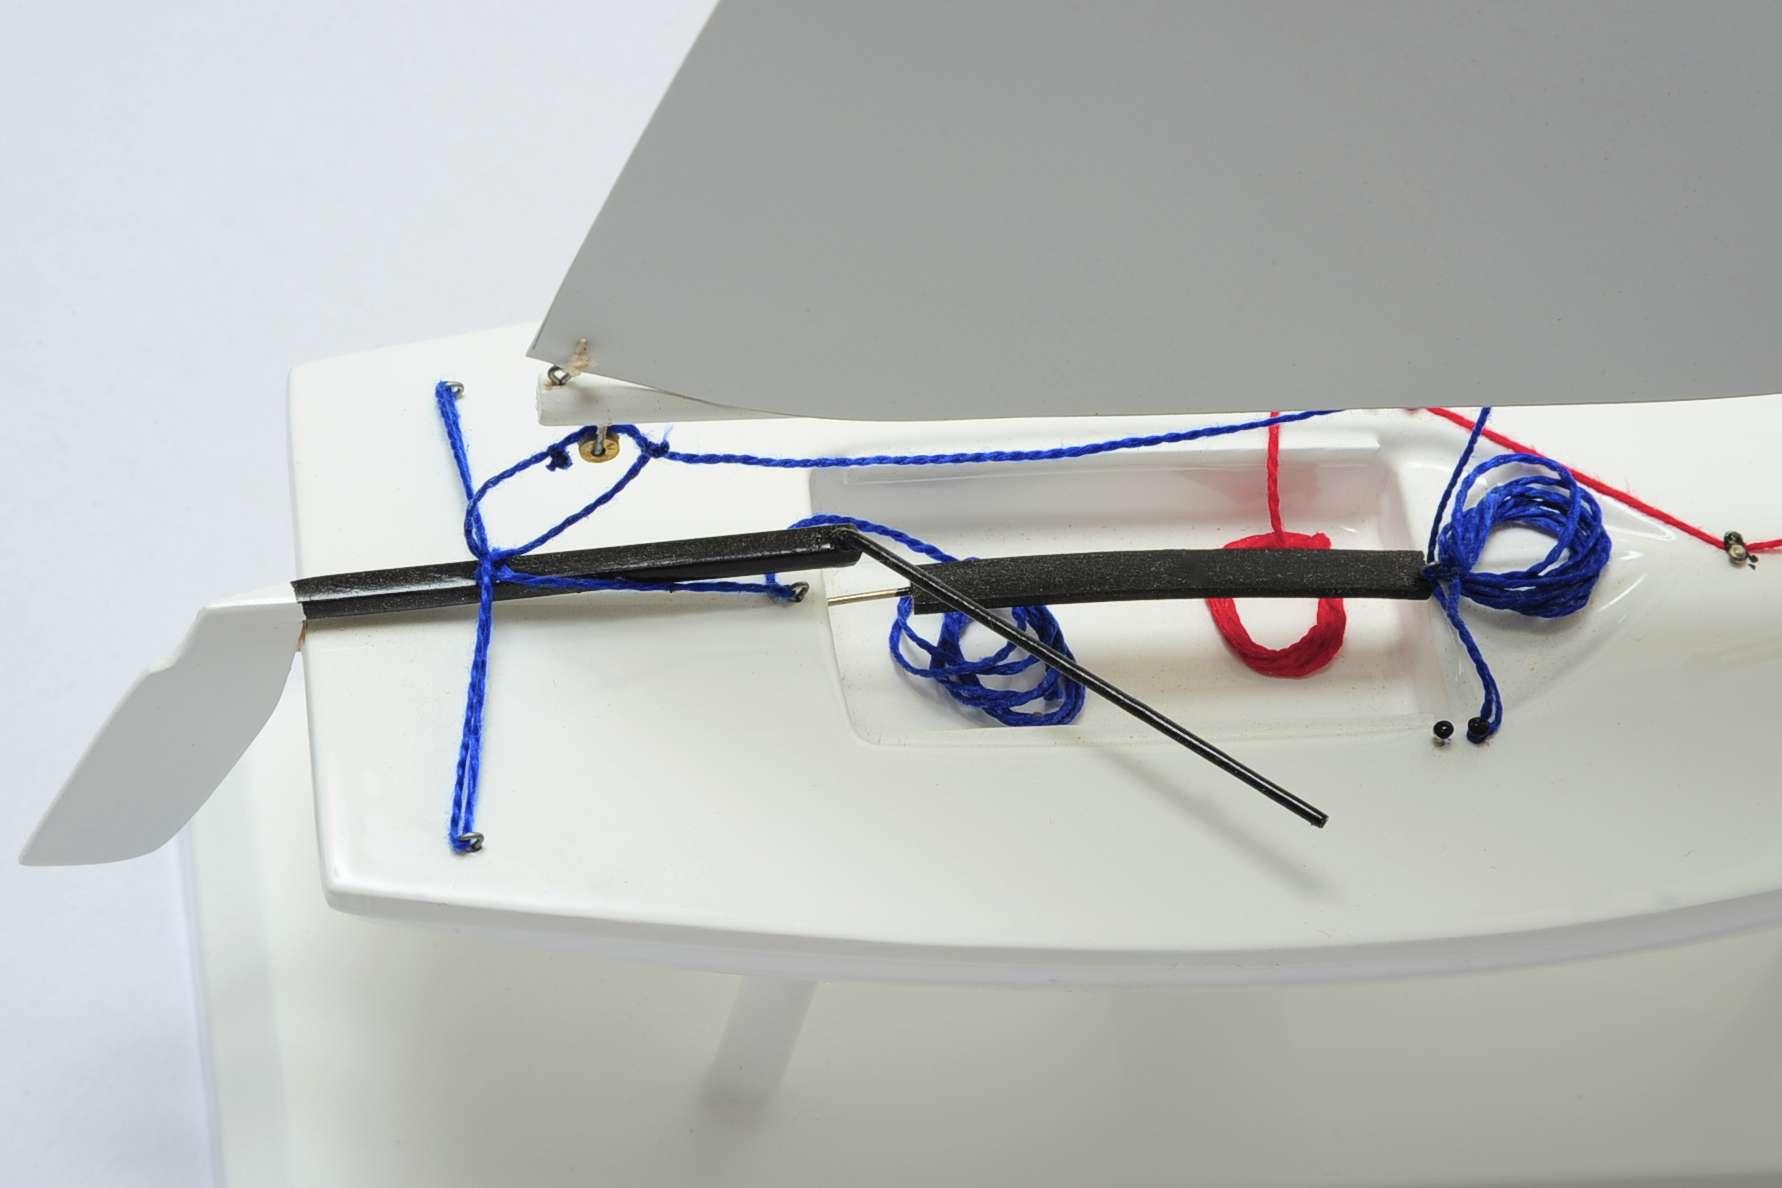 1437-4733-Laser-4.7-Sailing-Boat